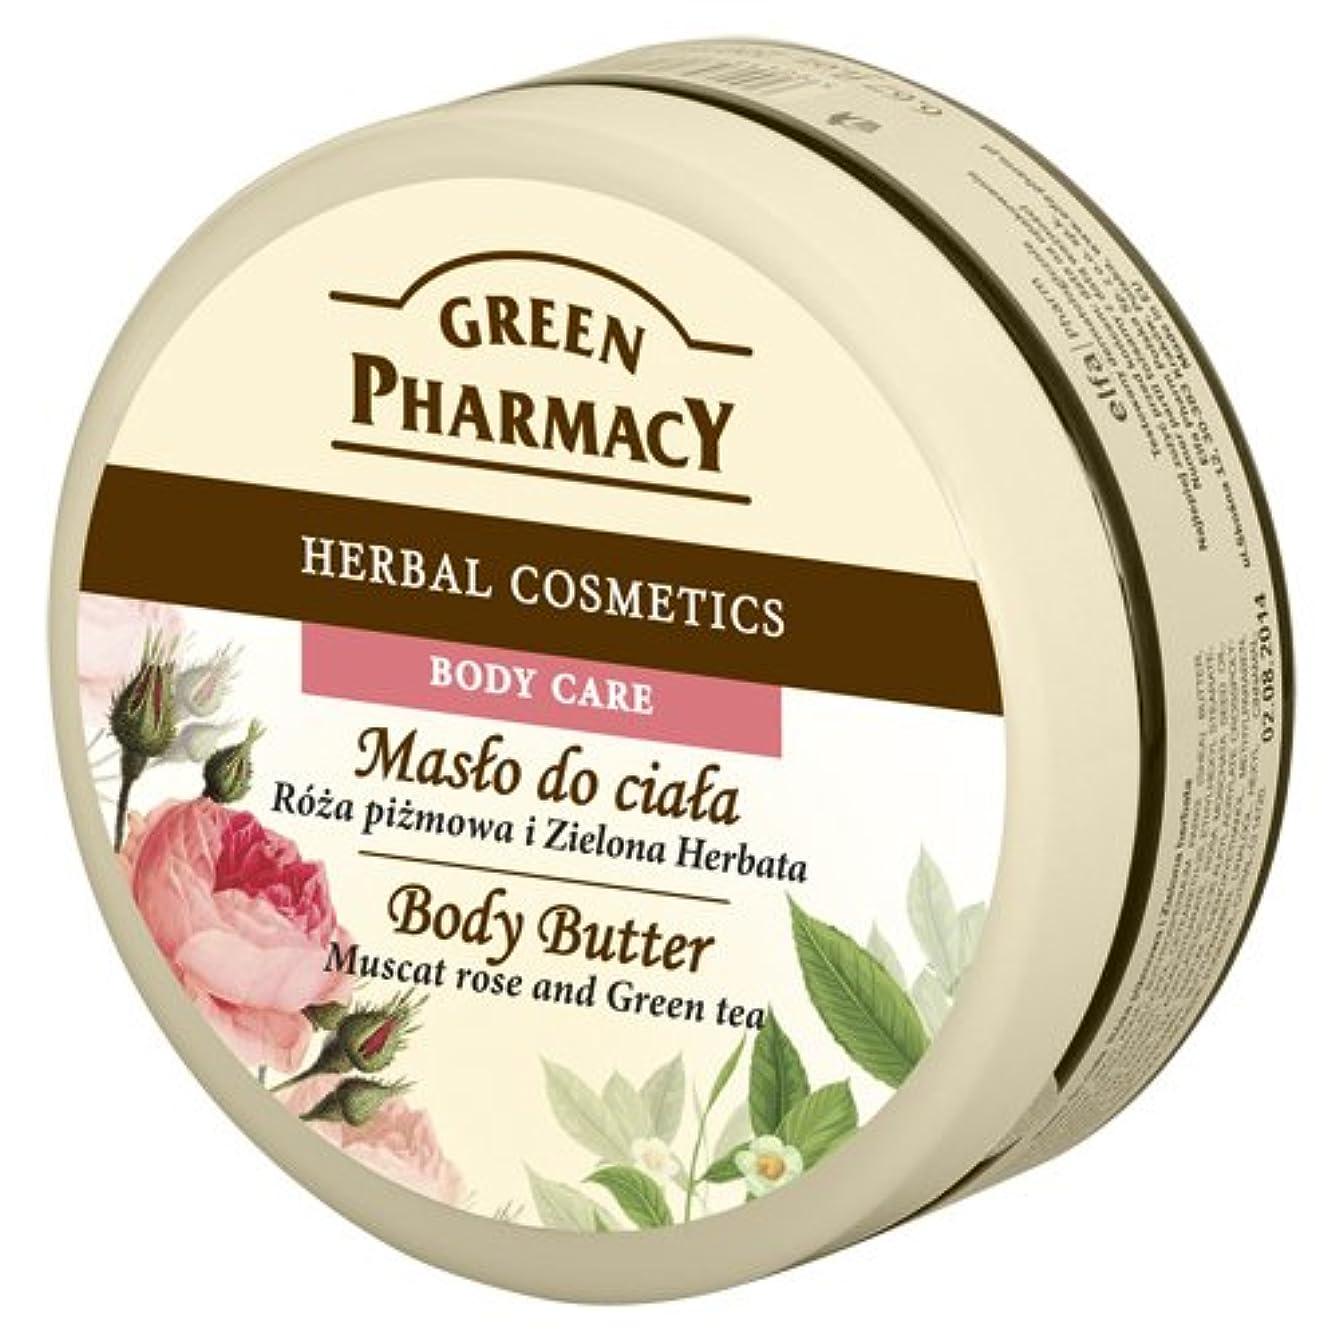 代理人引き出す裁定Elfa Pharm Green Pharmacy グリーンファーマシー Body Butter ボディバター Muscat Rose and Green Tea